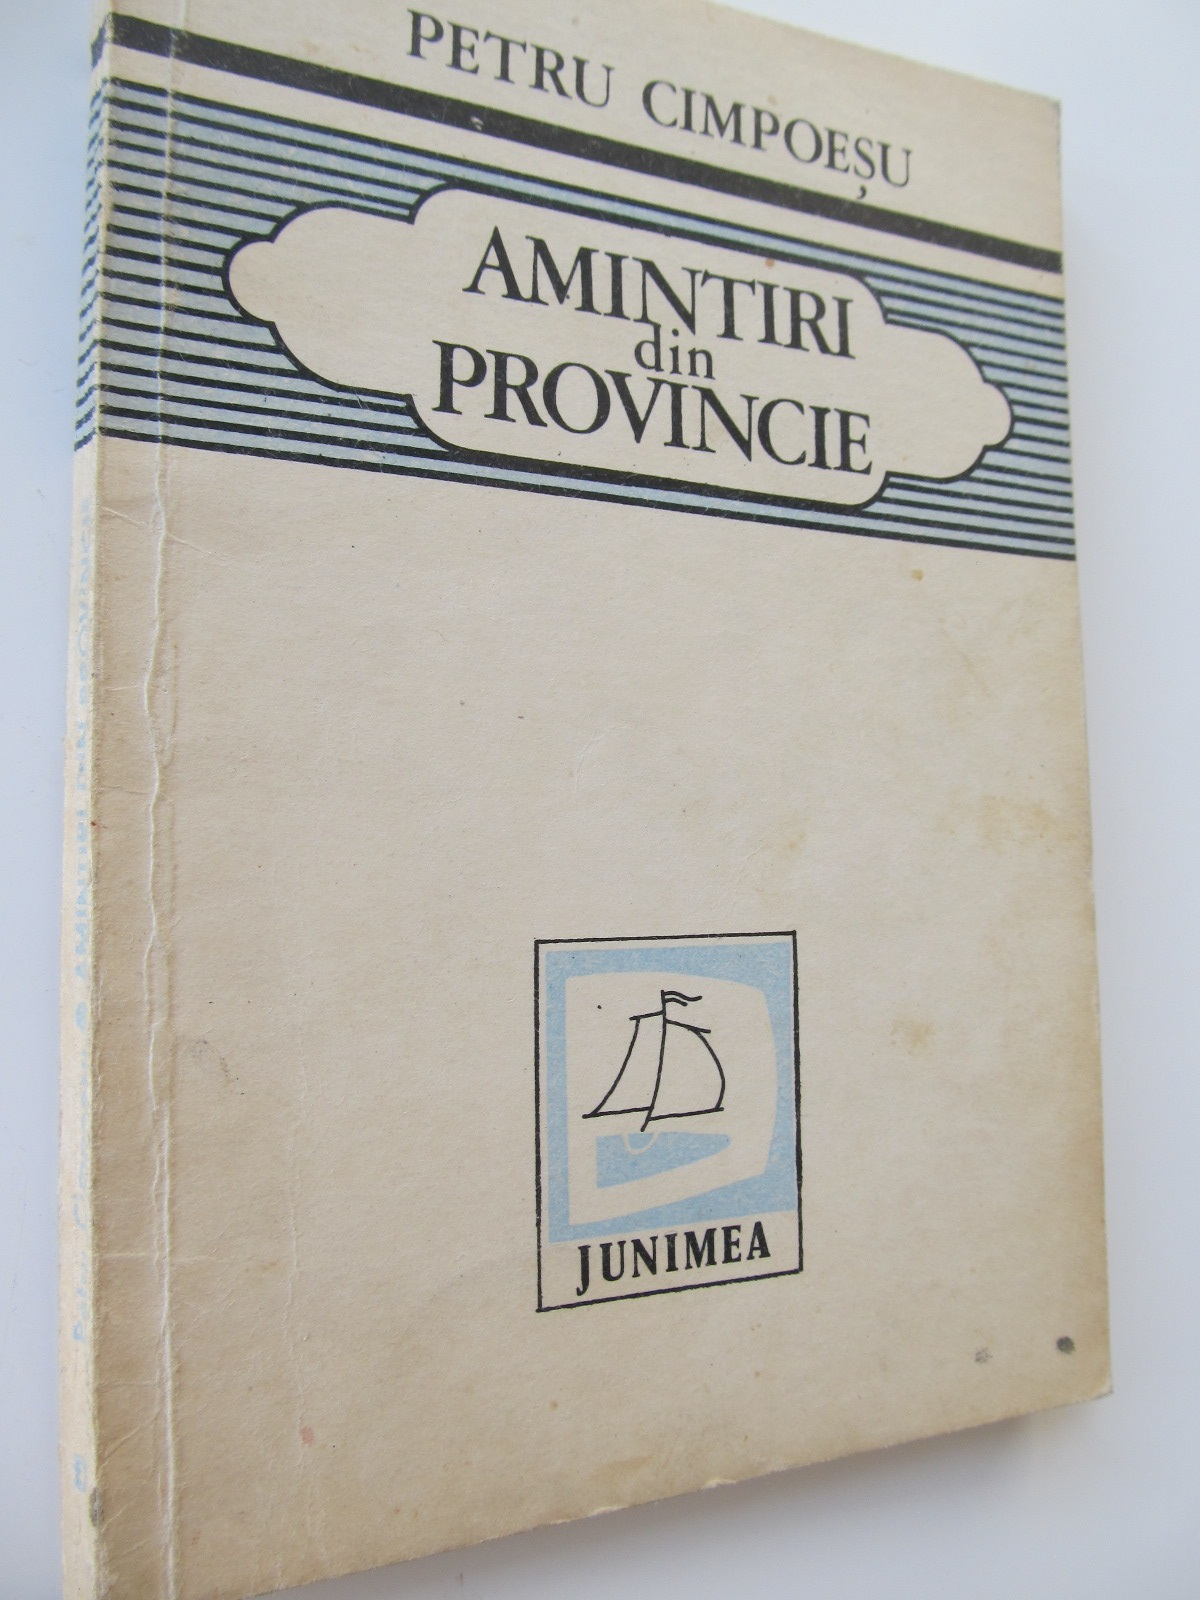 Amintiri din provincie - Petru Cimpoesu | Detalii carte